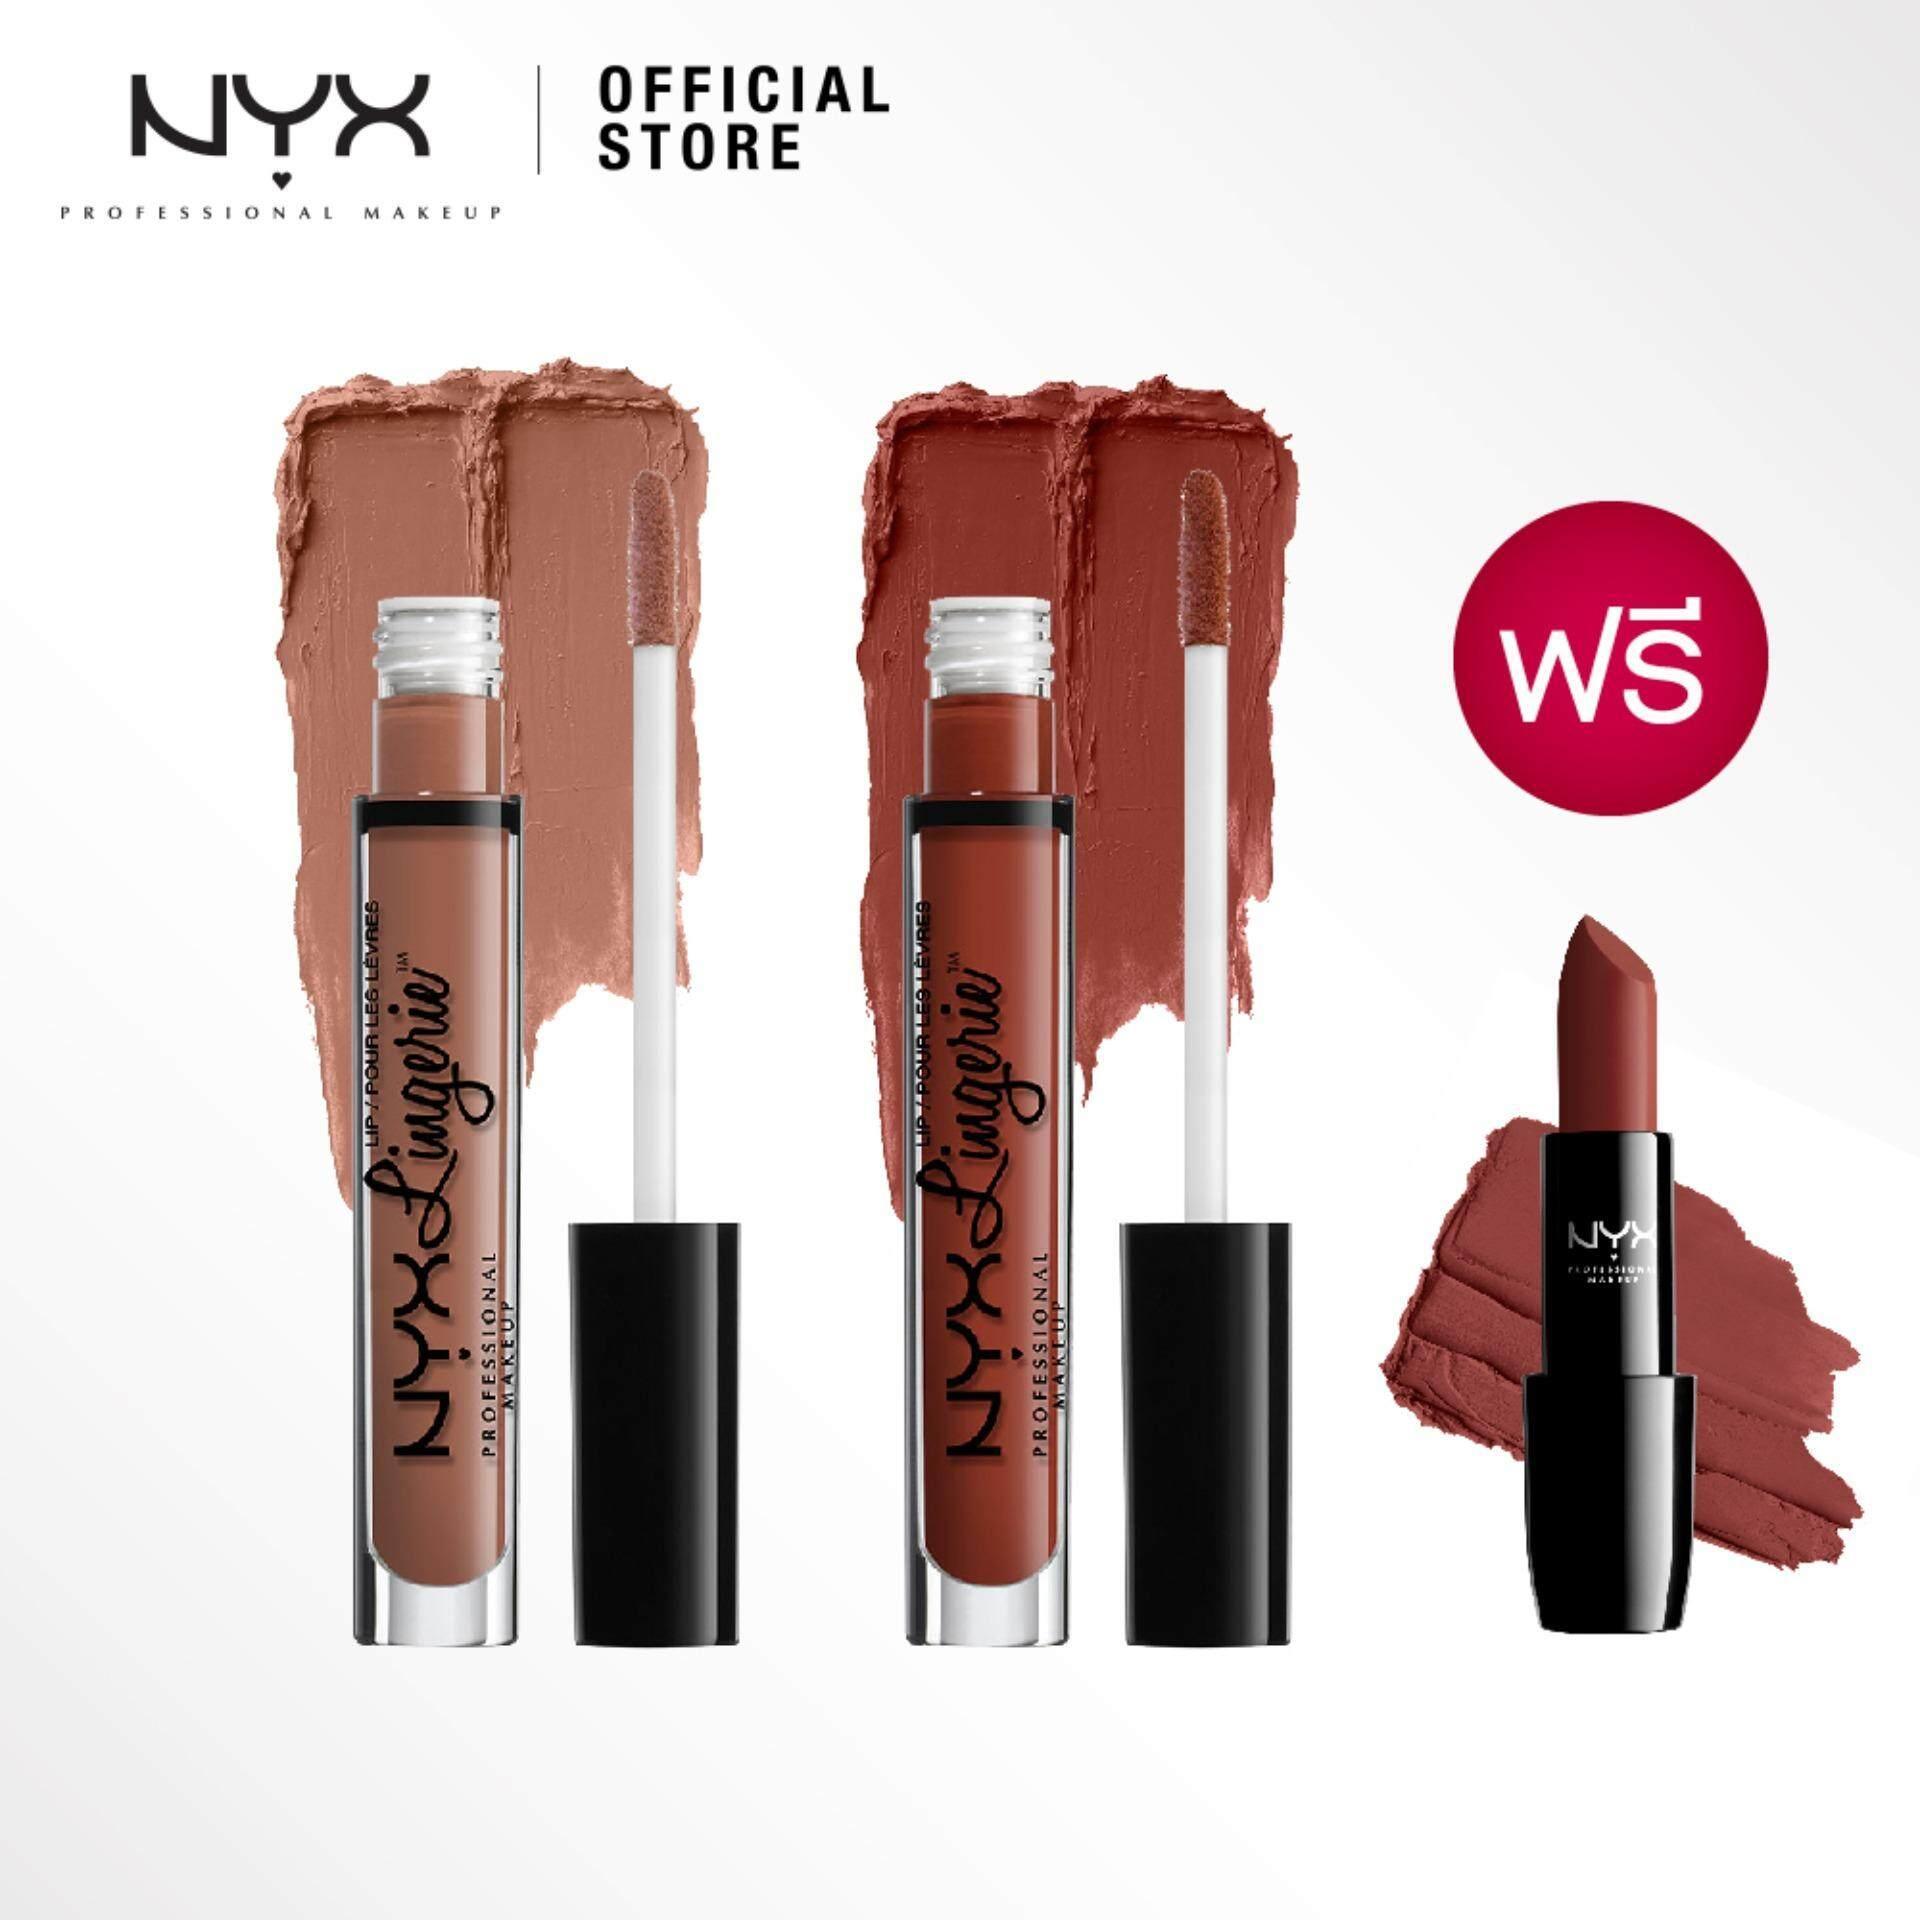 ซื้อ Lip Buffet Set 11 Nyx Professional Makeup Lip Lingerie Lipli04 Ruffle Trim And Lipli12 Exotic Free In Your Element Lipstick Iyels09 Matte Mauve ใหม่ล่าสุด